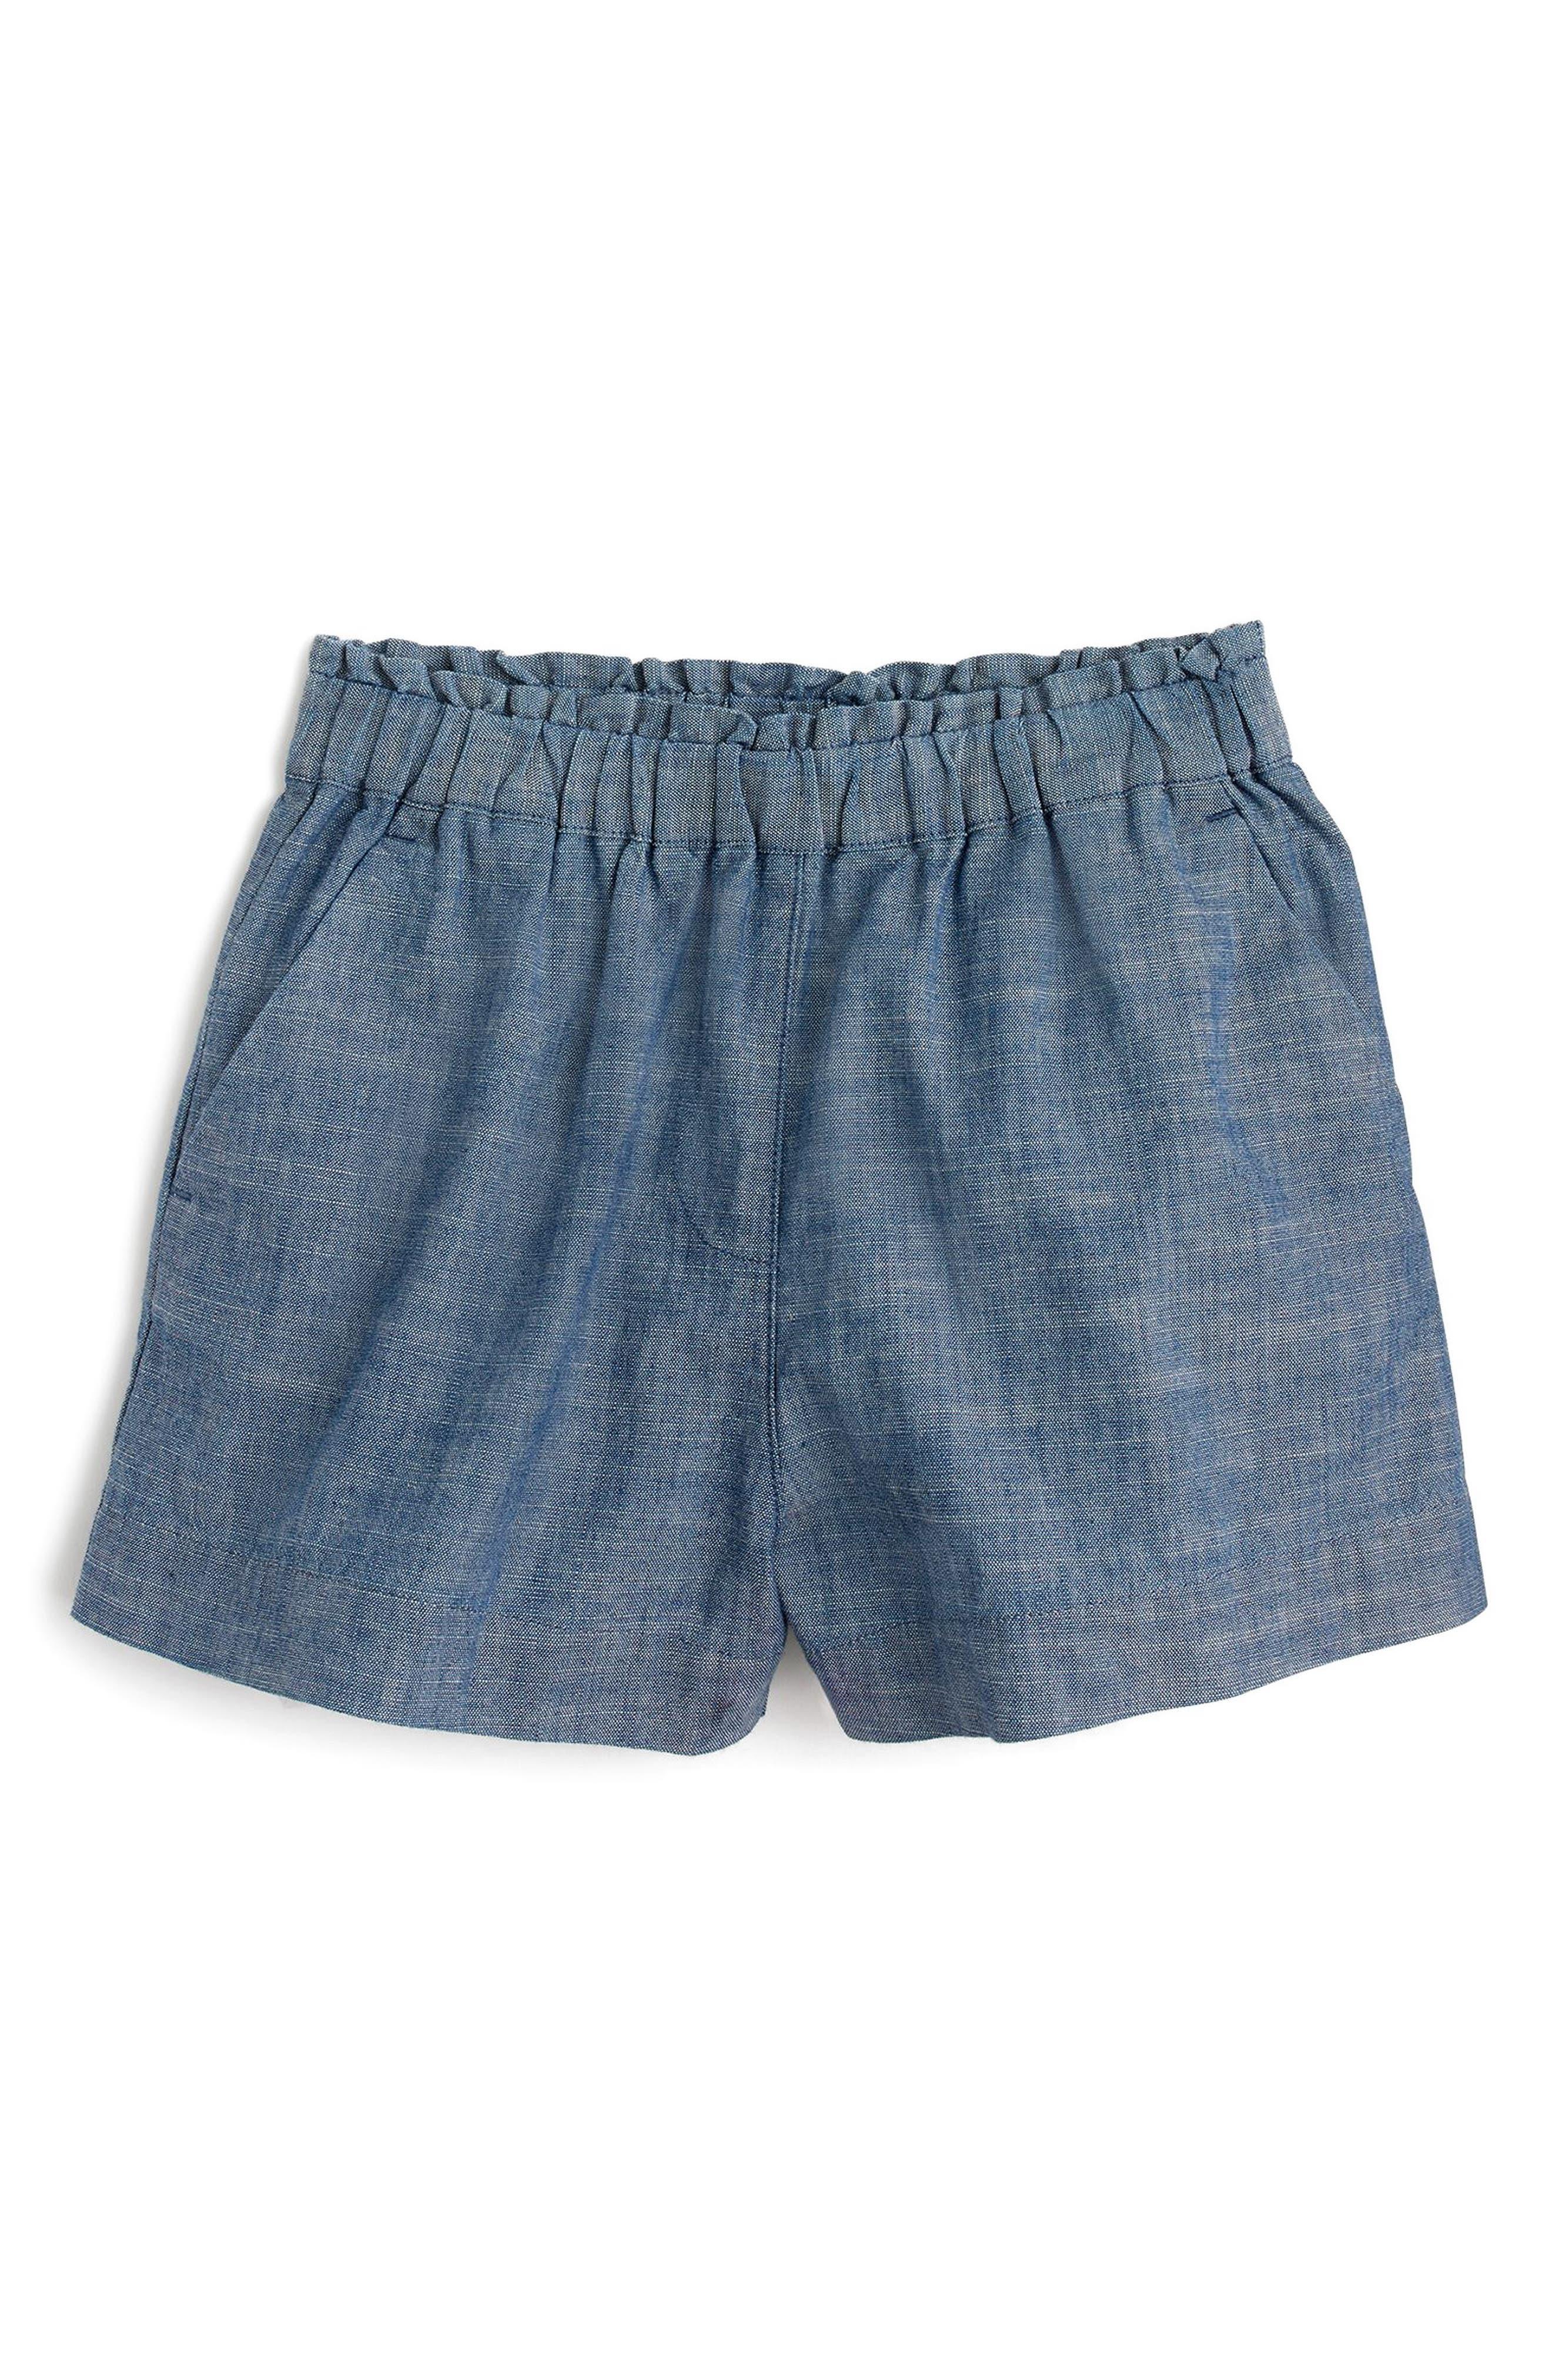 Trish Chambray Shorts,                         Main,                         color, 400